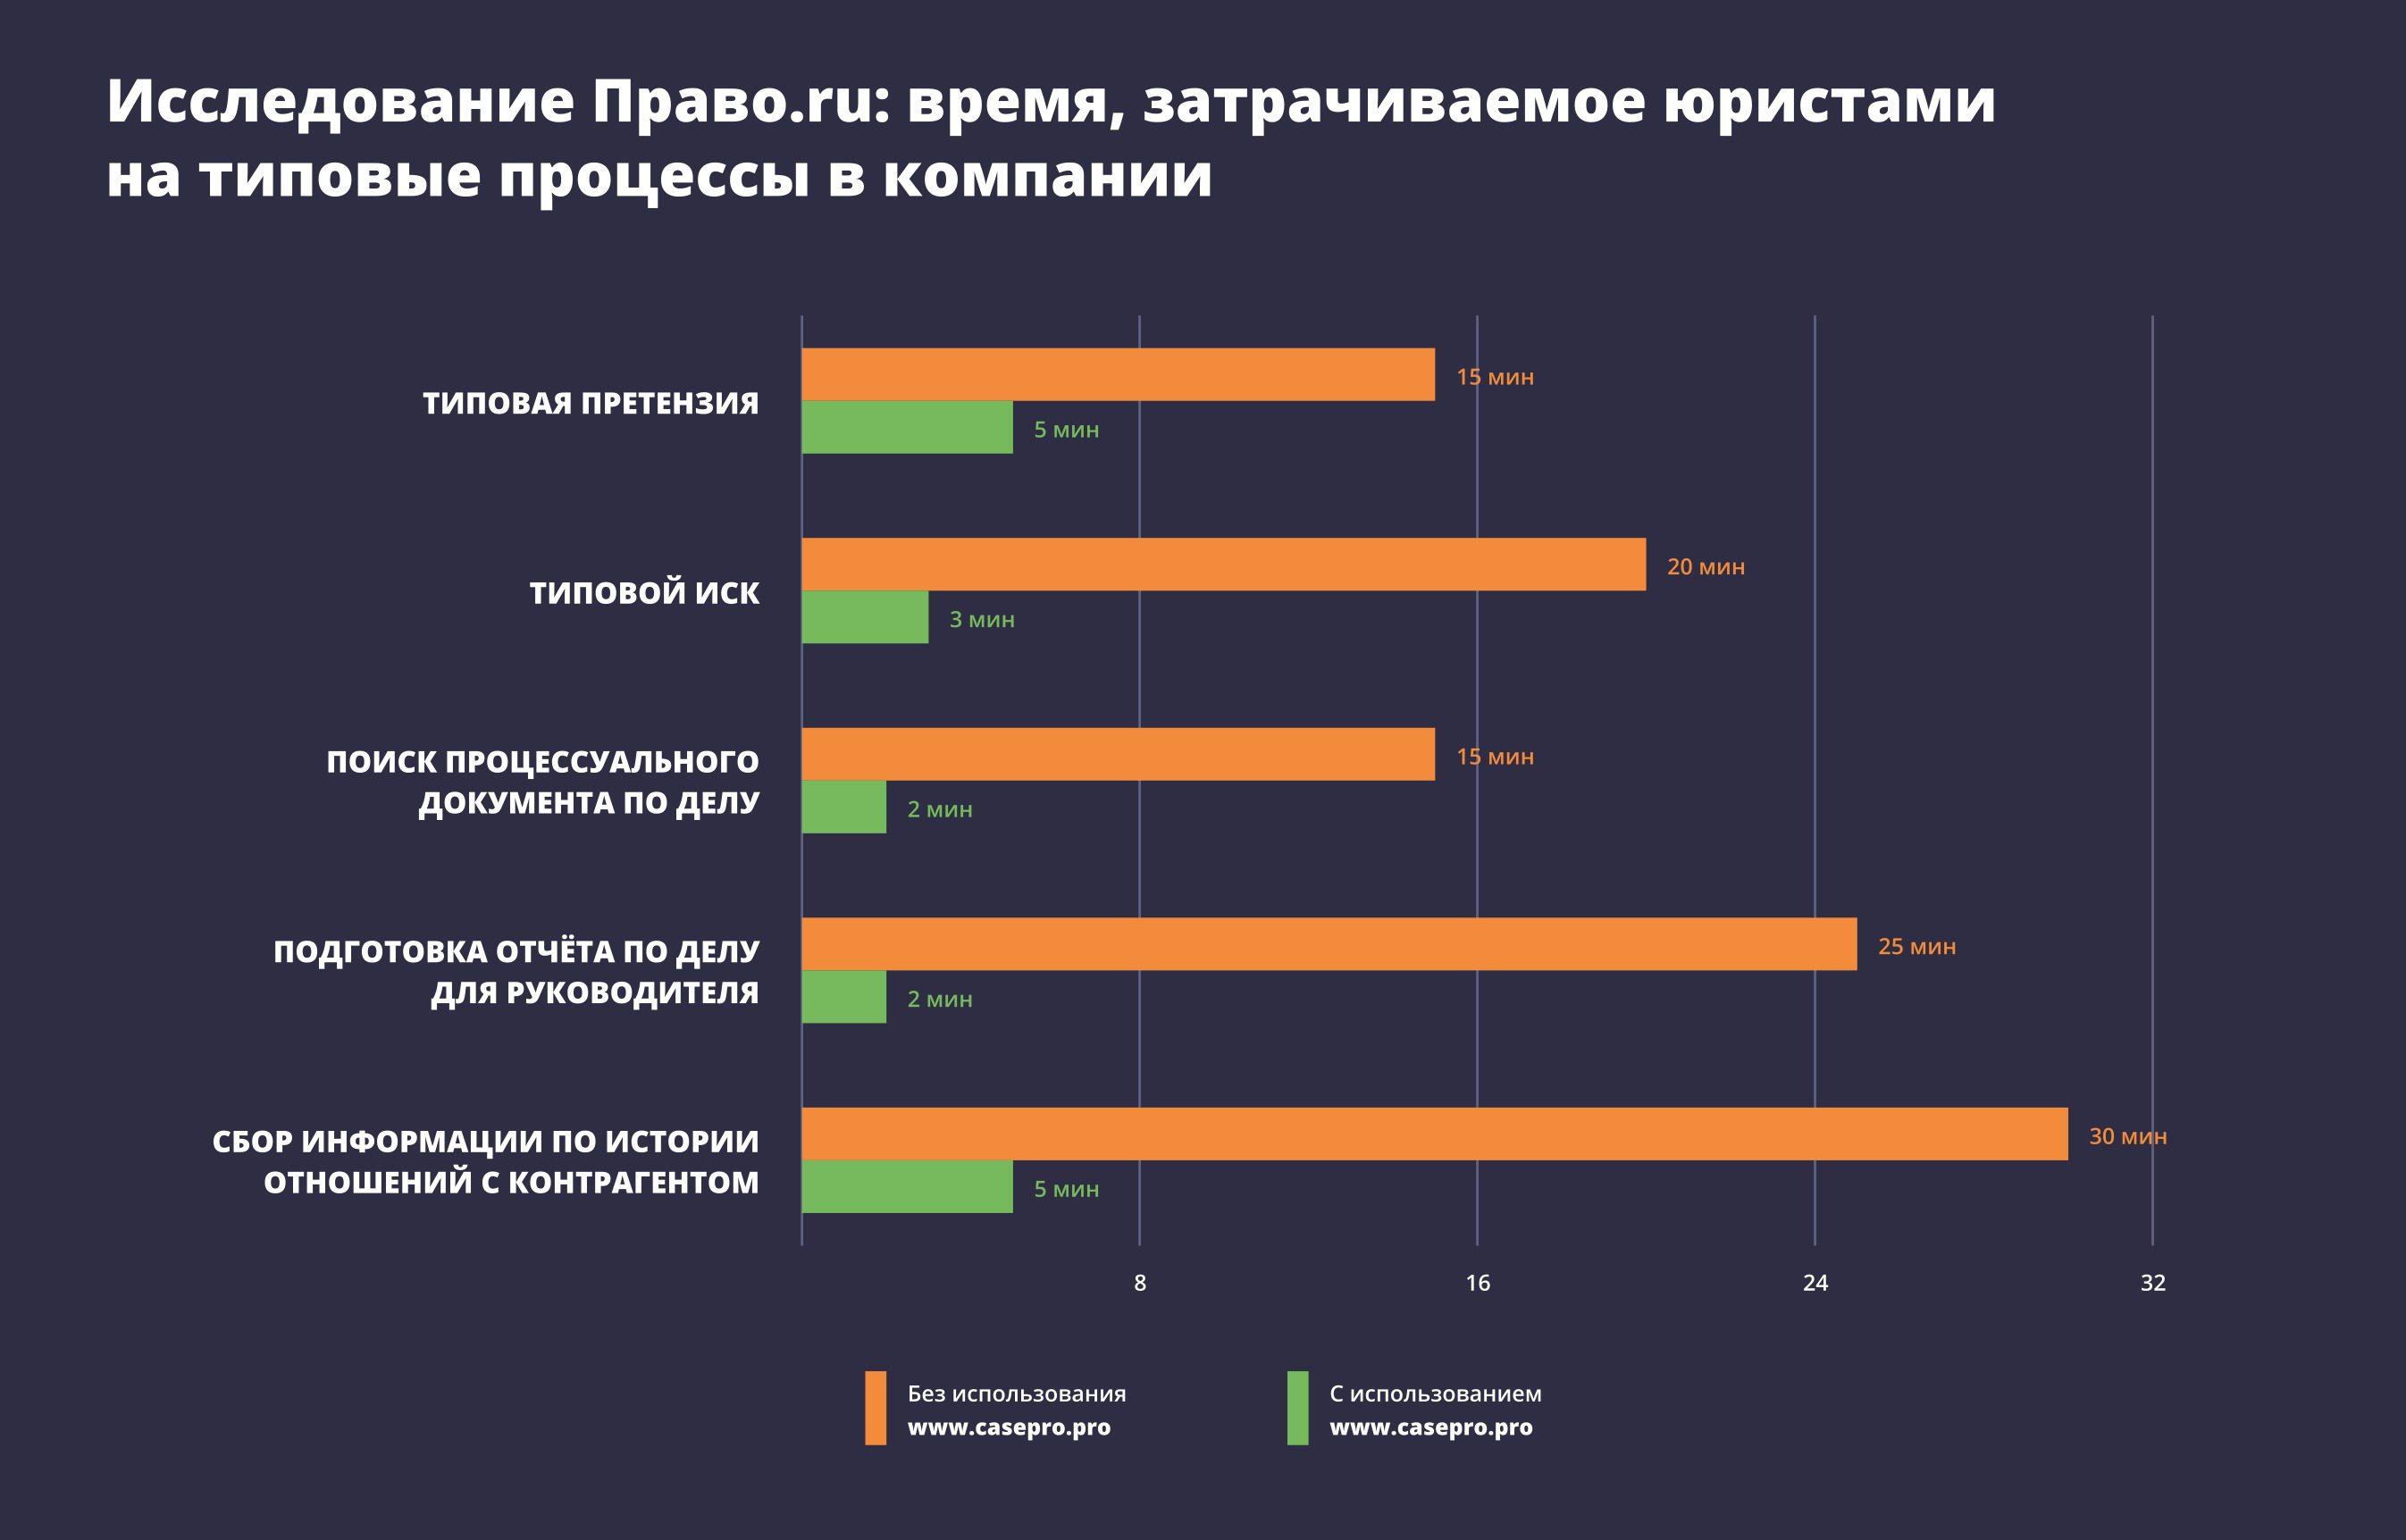 Исследование Право.ru: время, затрачиваемое юристами на типовые процессы в компании